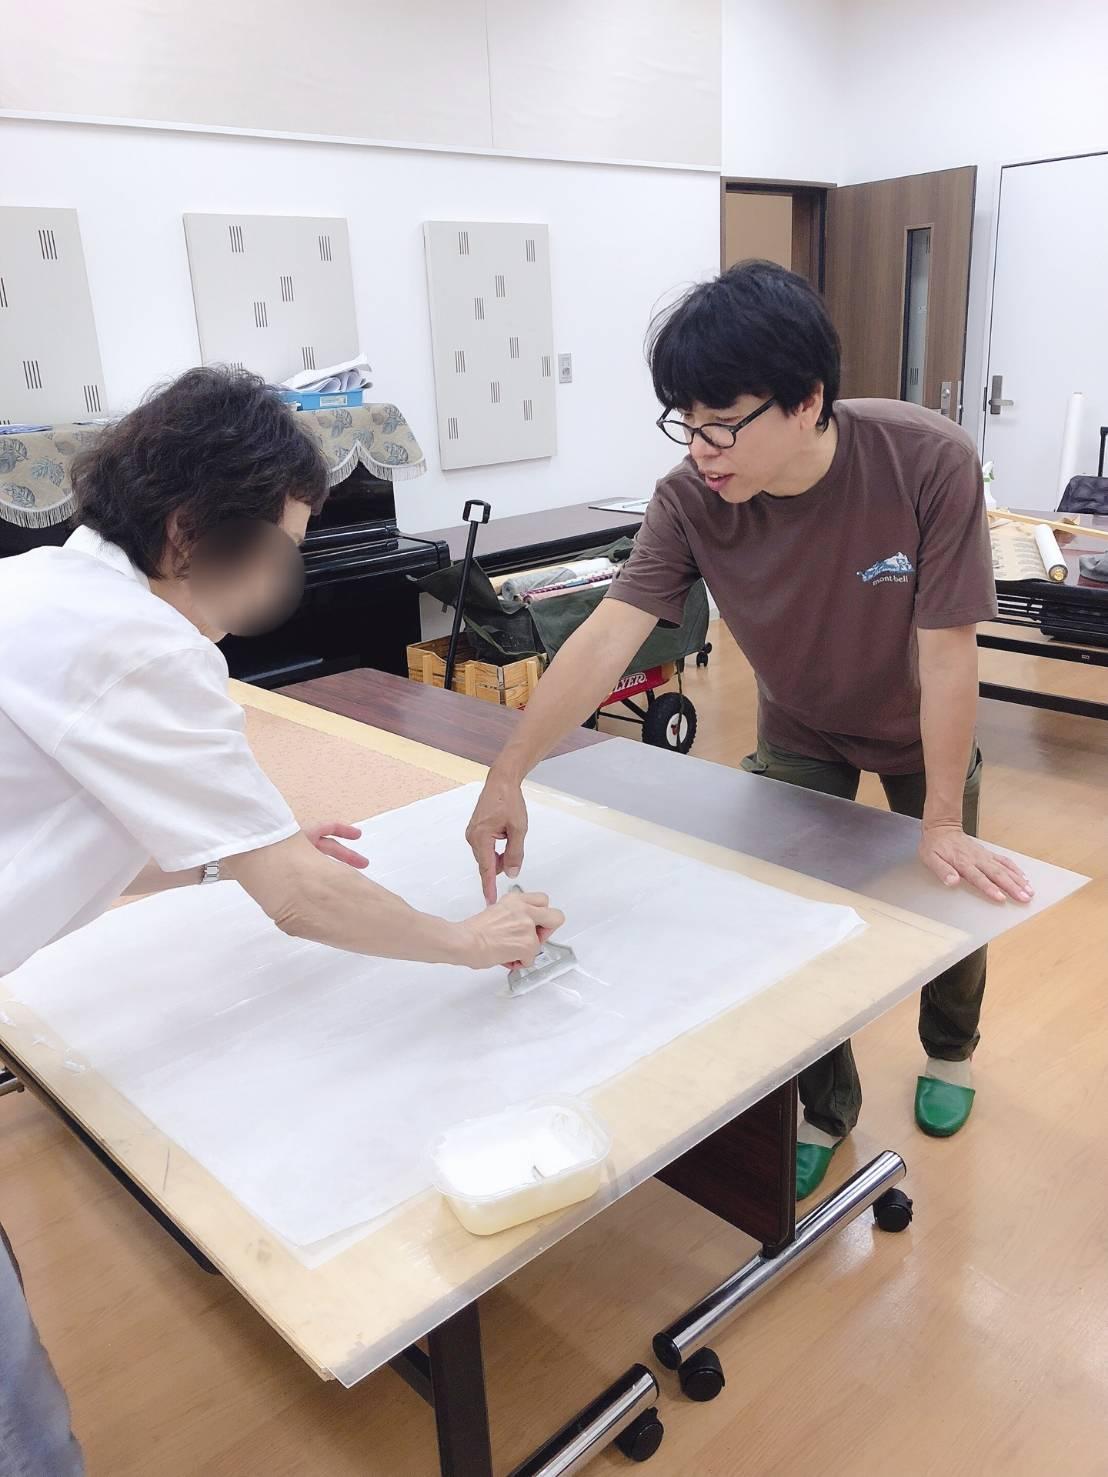 体験:【高松校】楽しい表装セミナー・土曜クラス3DAY体験/午前の部・午後の部 21/04/10~21/06/12